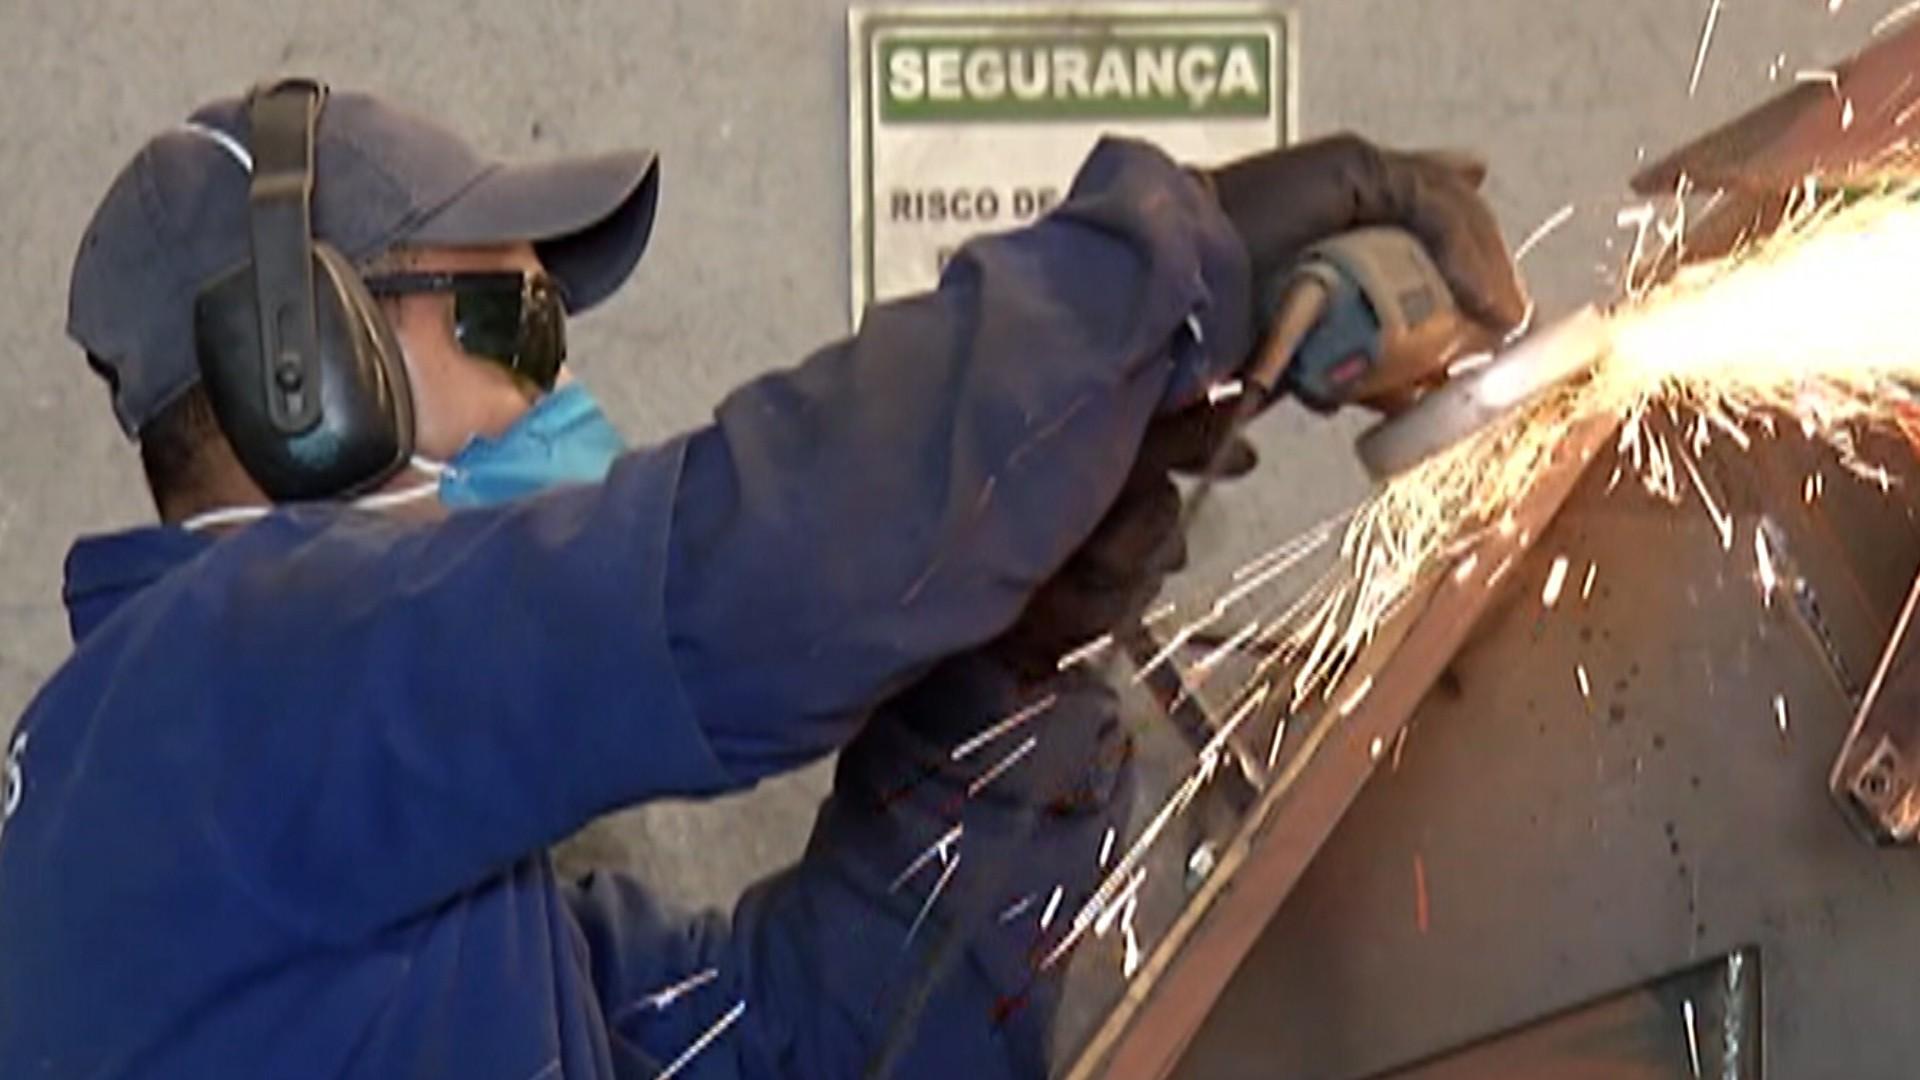 Escoamento de produtos é preocupação de comércio e indústria em Itaquaquecetuba, durante a quarentena